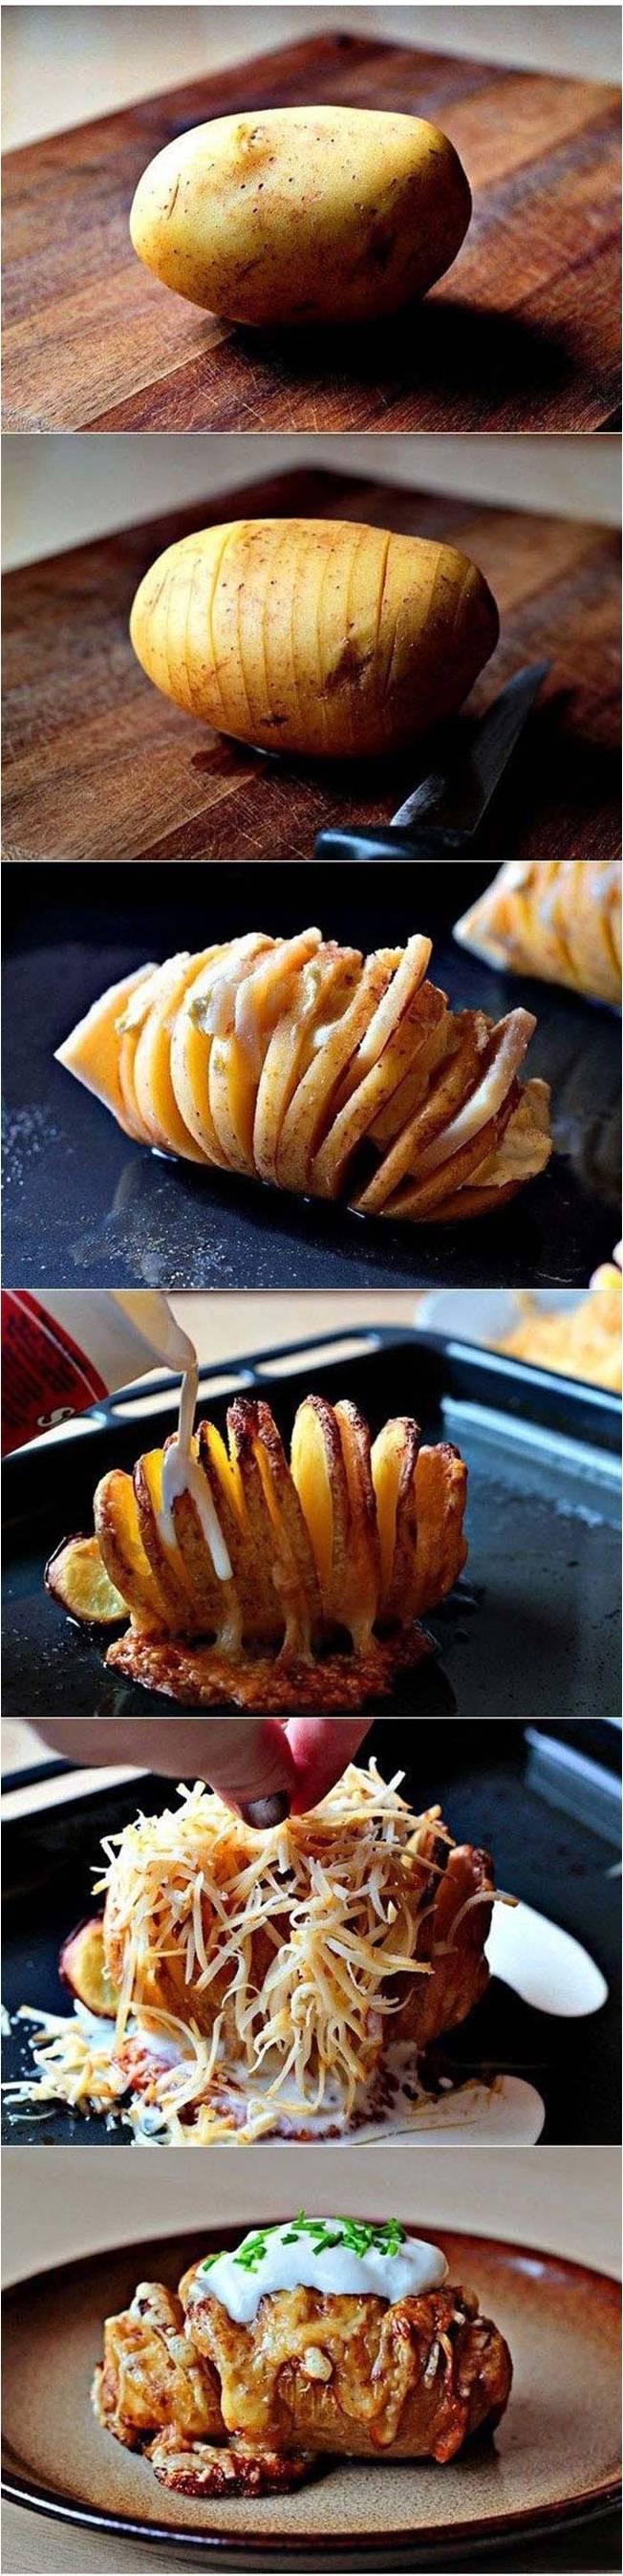 9. Perfect potato